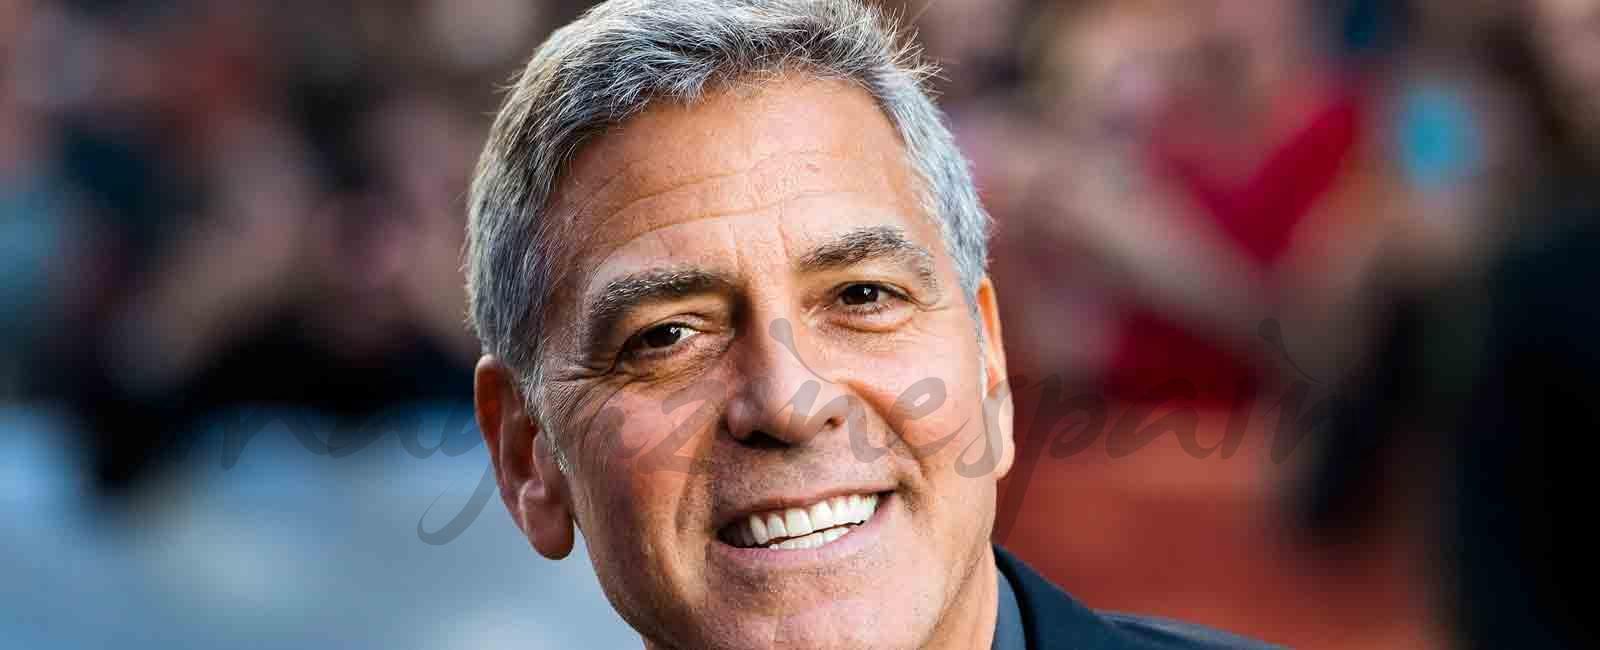 George Clooney regala a sus mejores amigos un millón de dólares